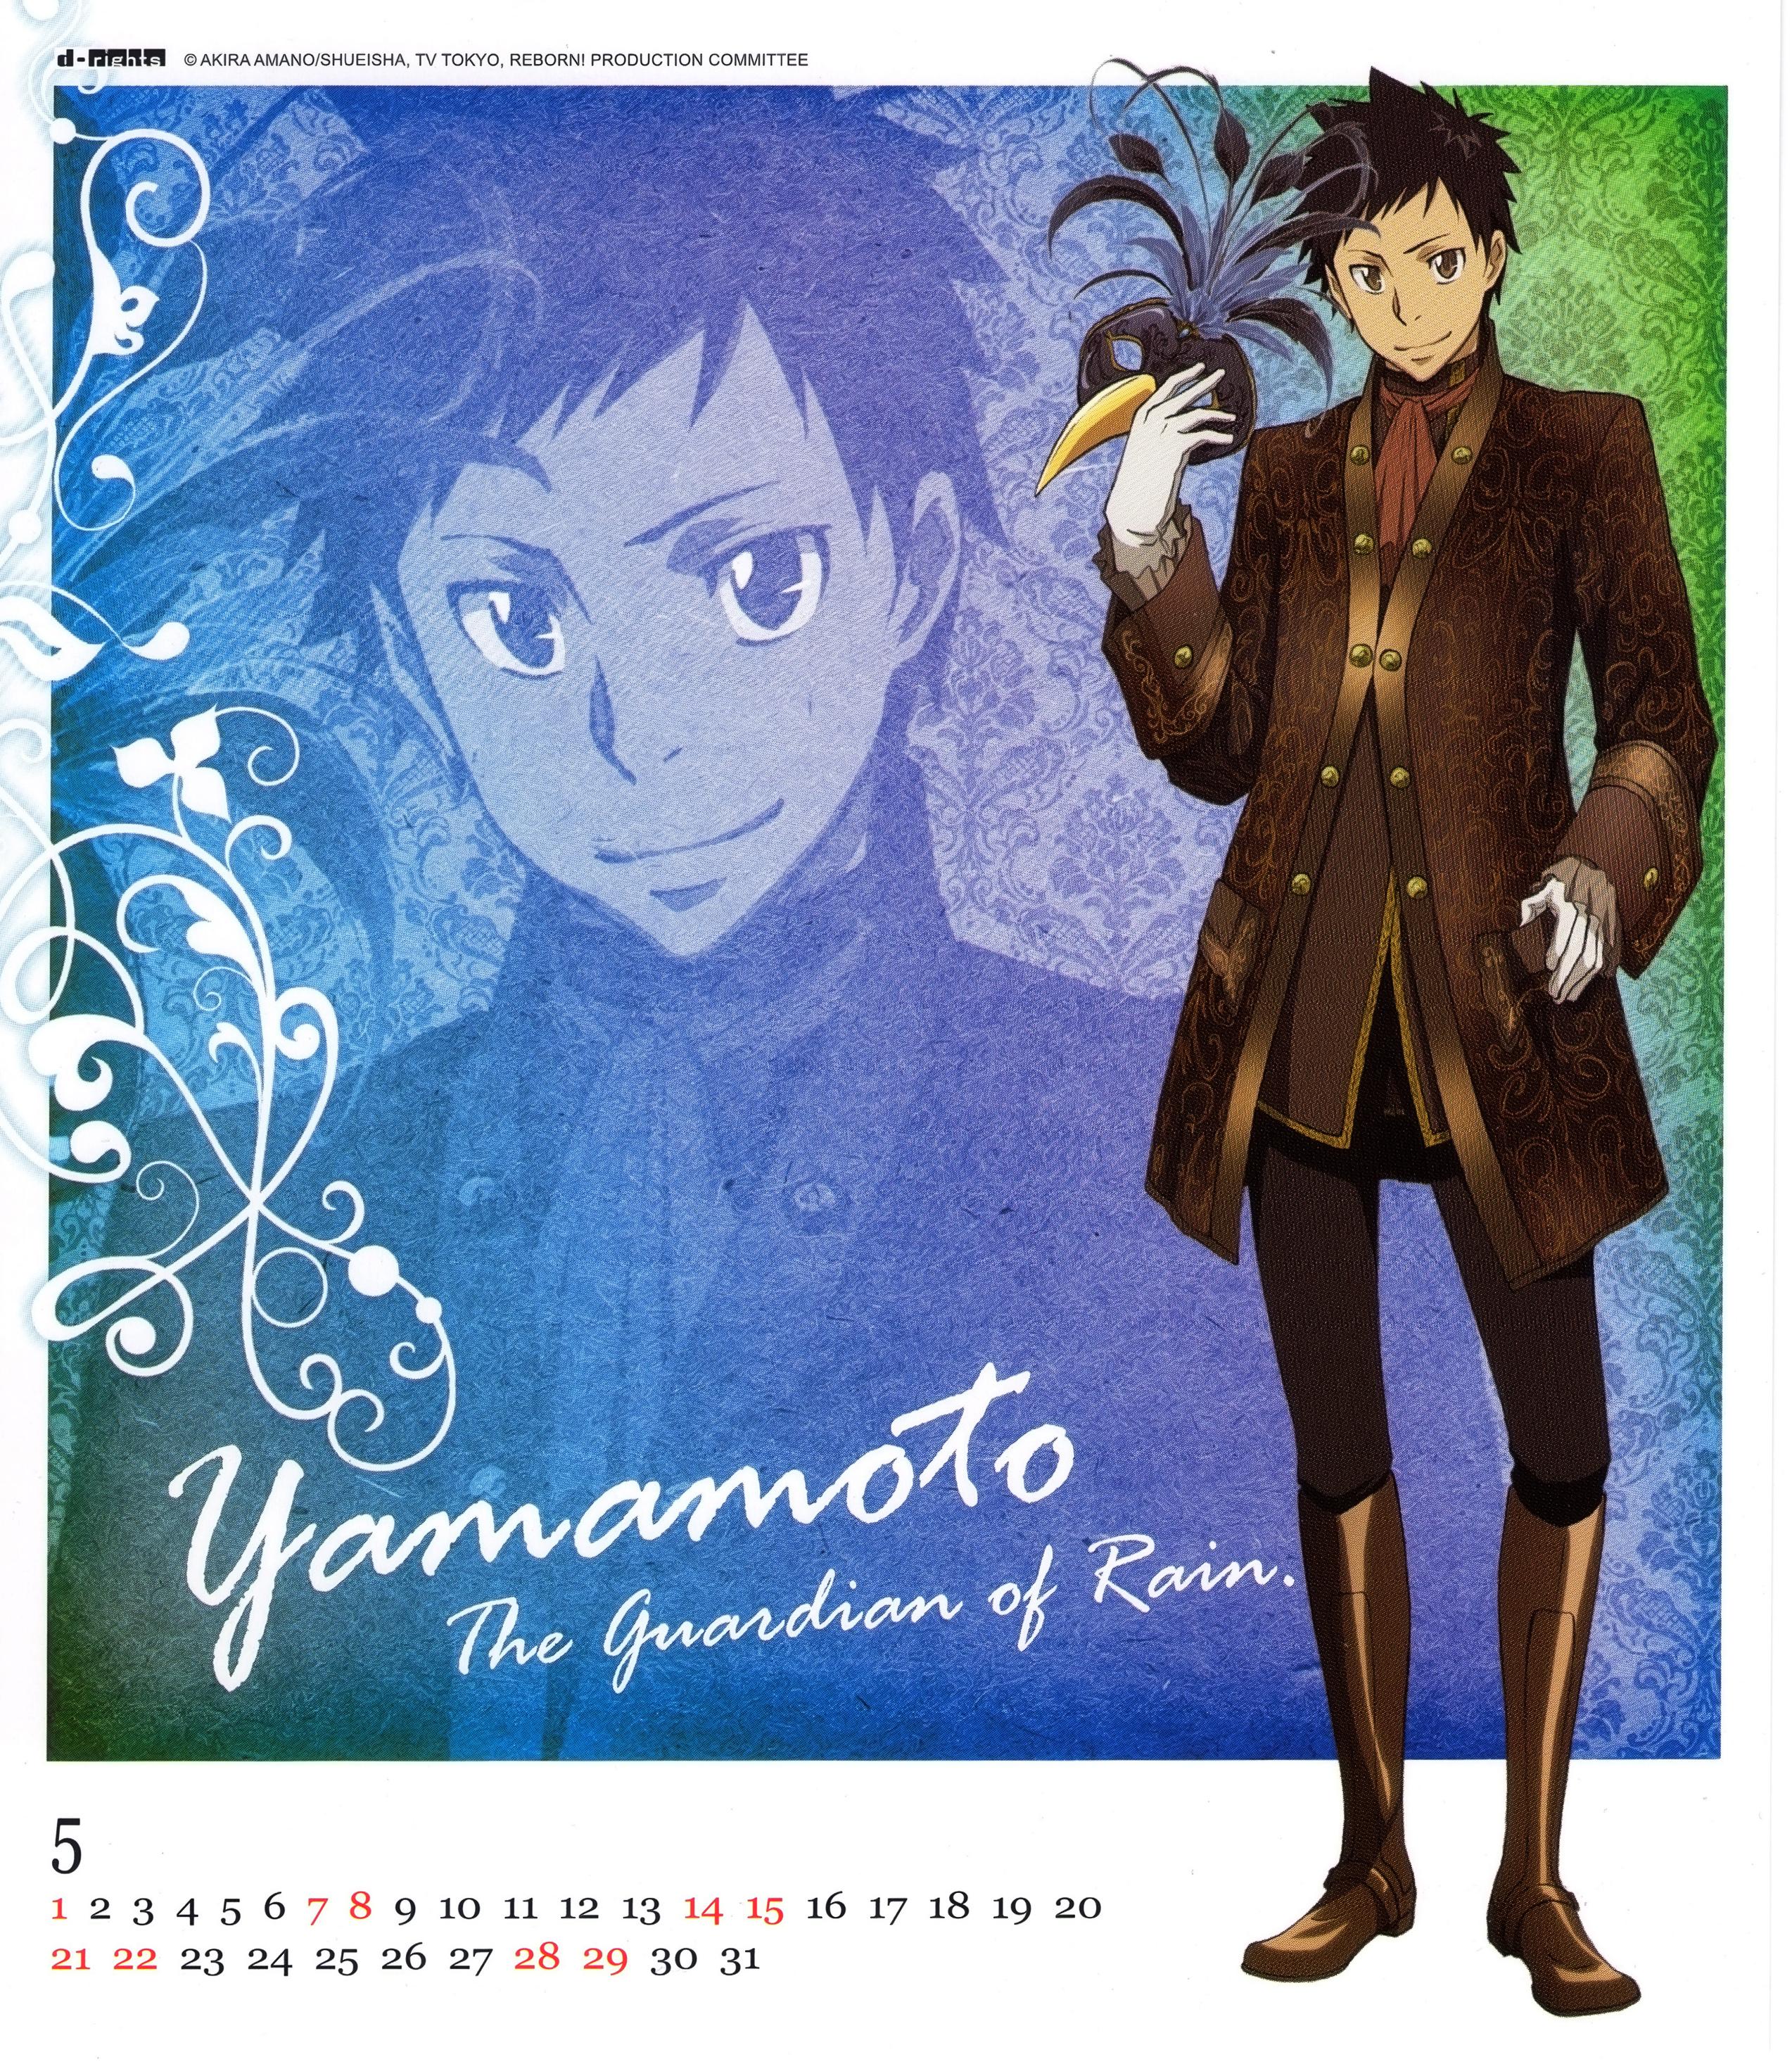 yamamoto takeshi - katekyo hitman reborn  - image  524976